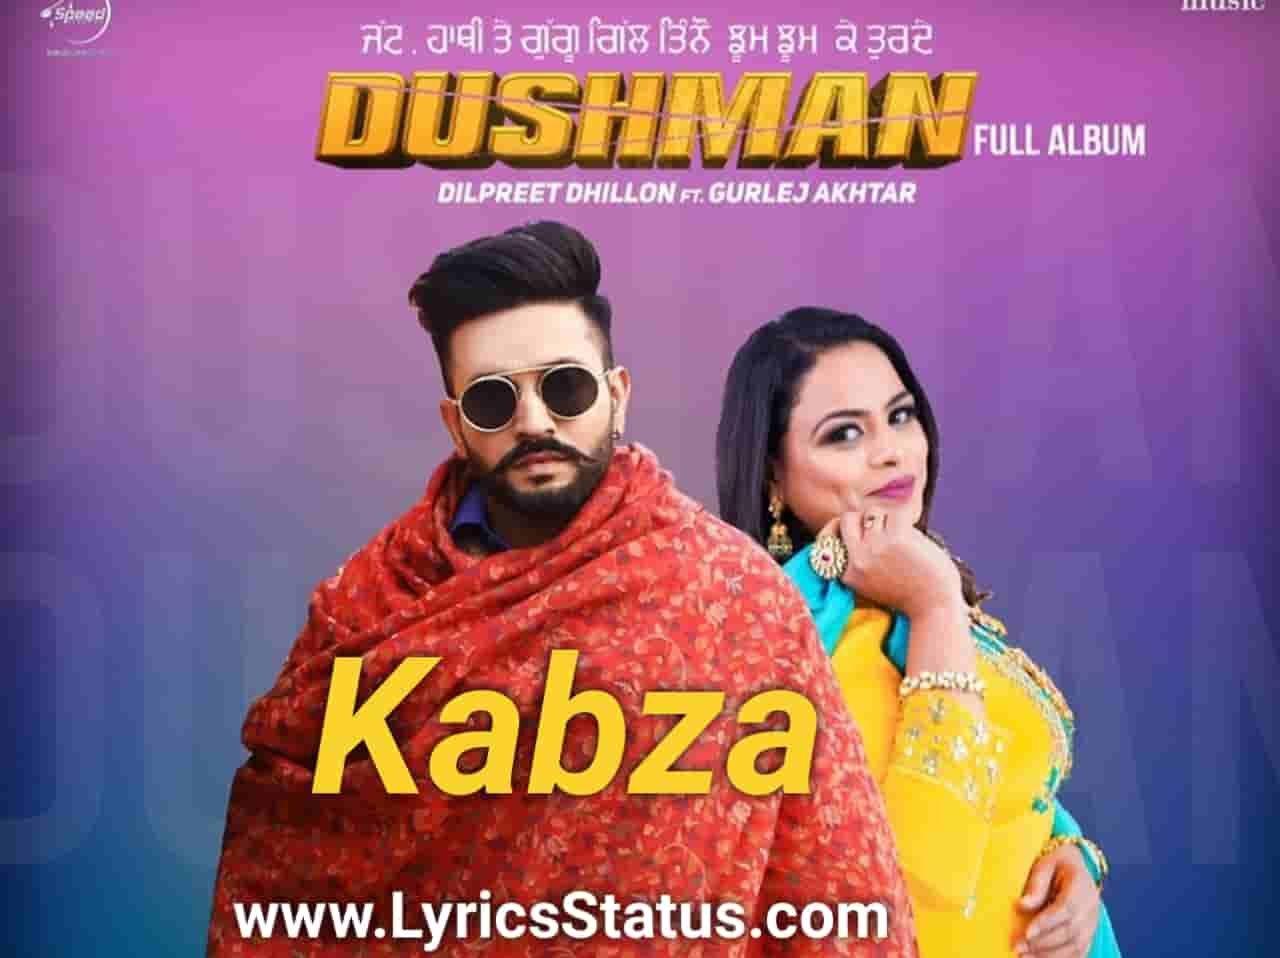 Jatt kabze len da shonki Dilpreet Dhillon Lyrics status download